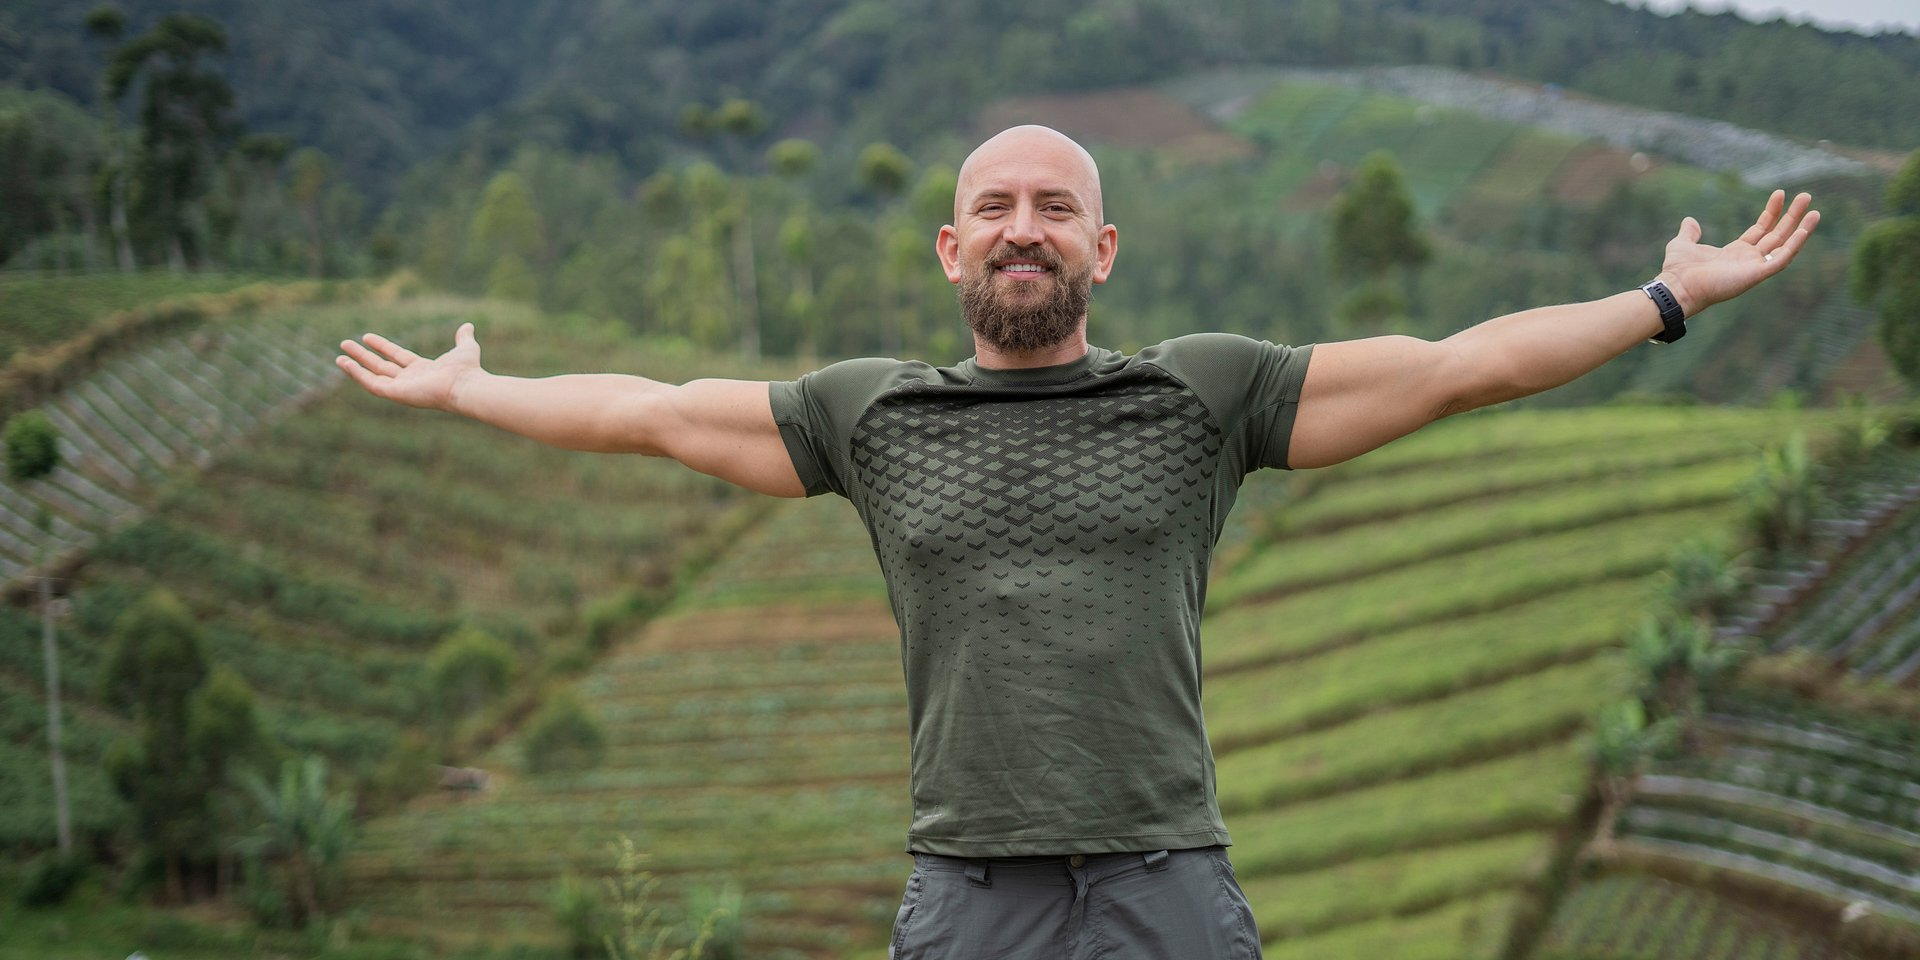 """Rajskie plaże, przepiękne pola ryżowe, góry pokryte niedostępnymi lasami tropikalnymi oraz….korki! Dawid Andres przejedzie """"Ciężarówką przez Indonezję""""!"""